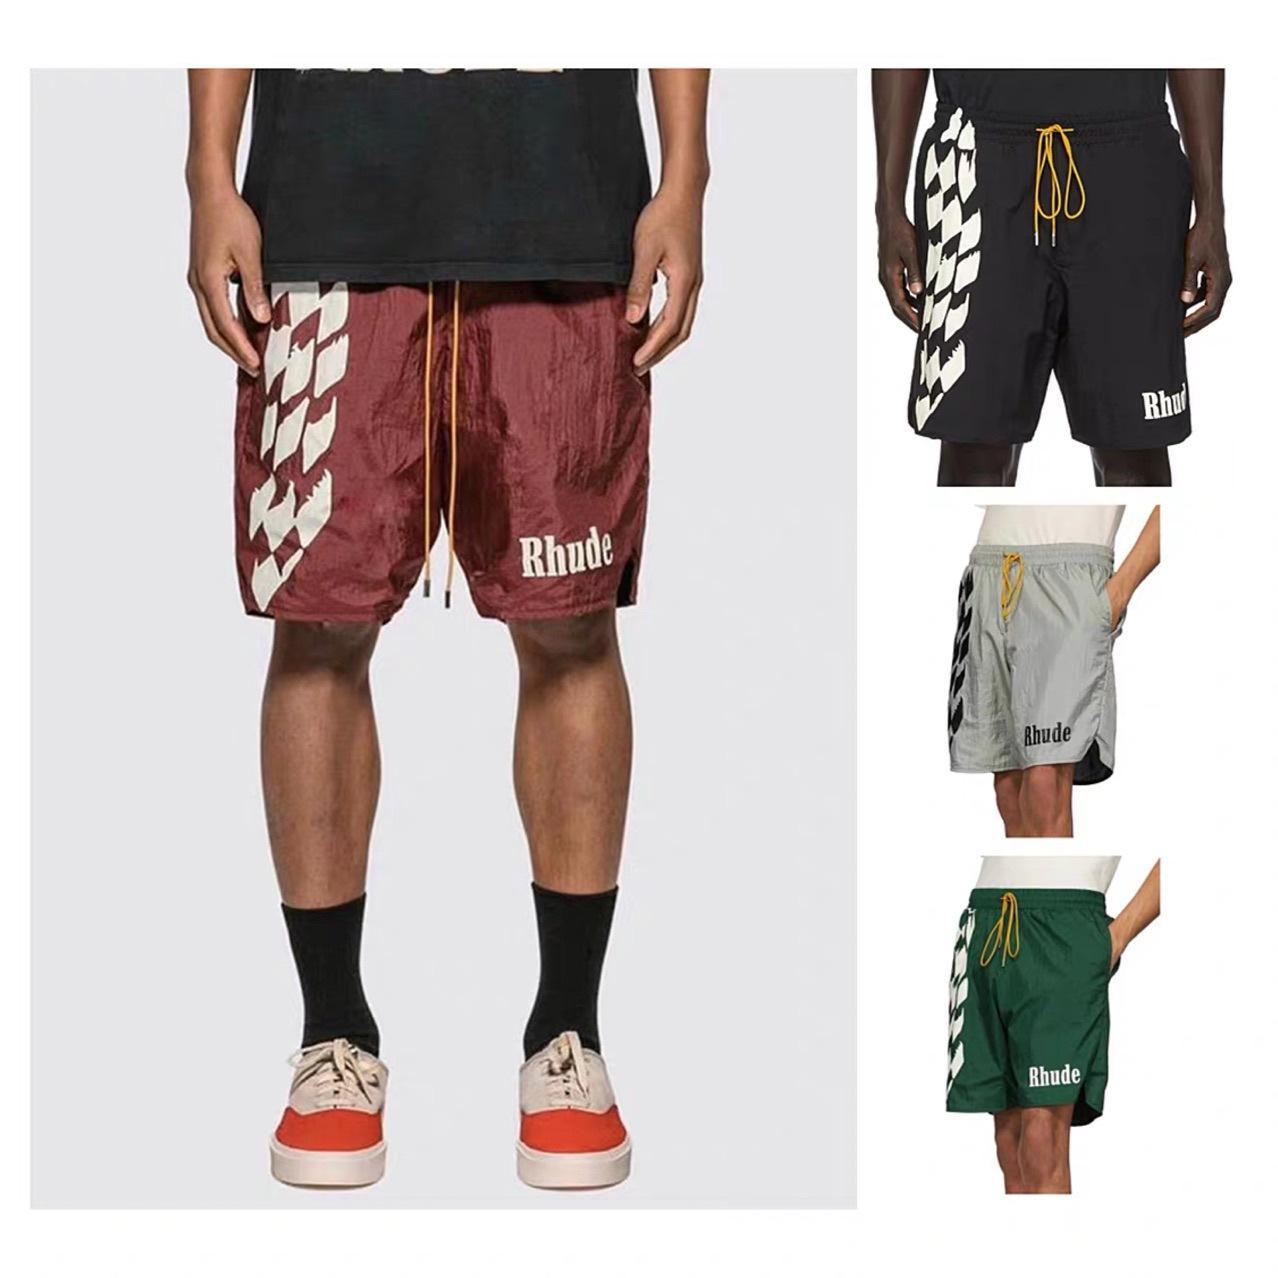 Rhude Designer printemps et l'été des nouveaux hommes Shorts Pantalons Checkerboard High Street Tide Couple européens et américains tendance Shorts de sport